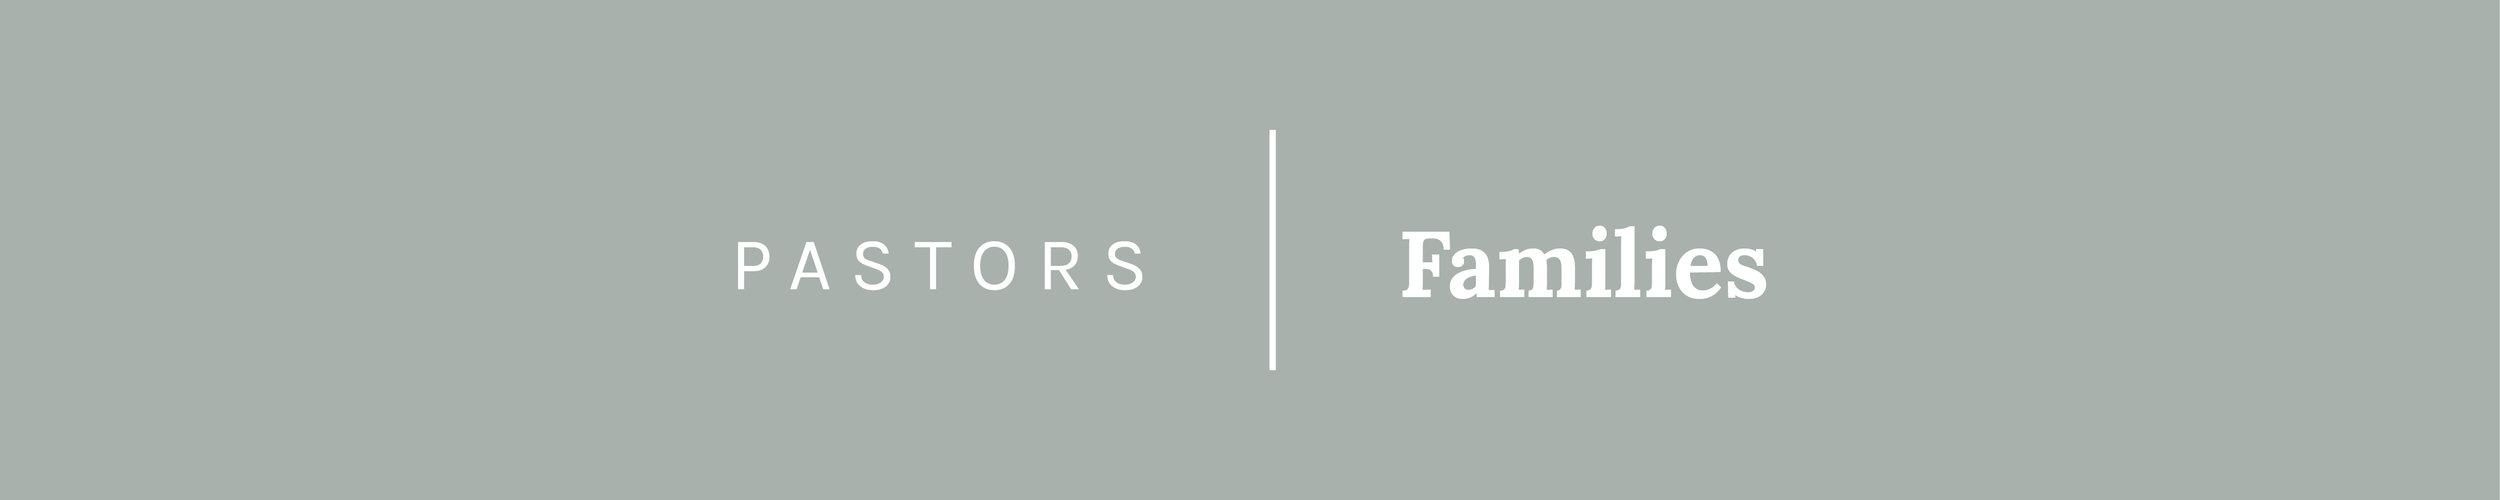 Banner-Pastors-Families.jpg